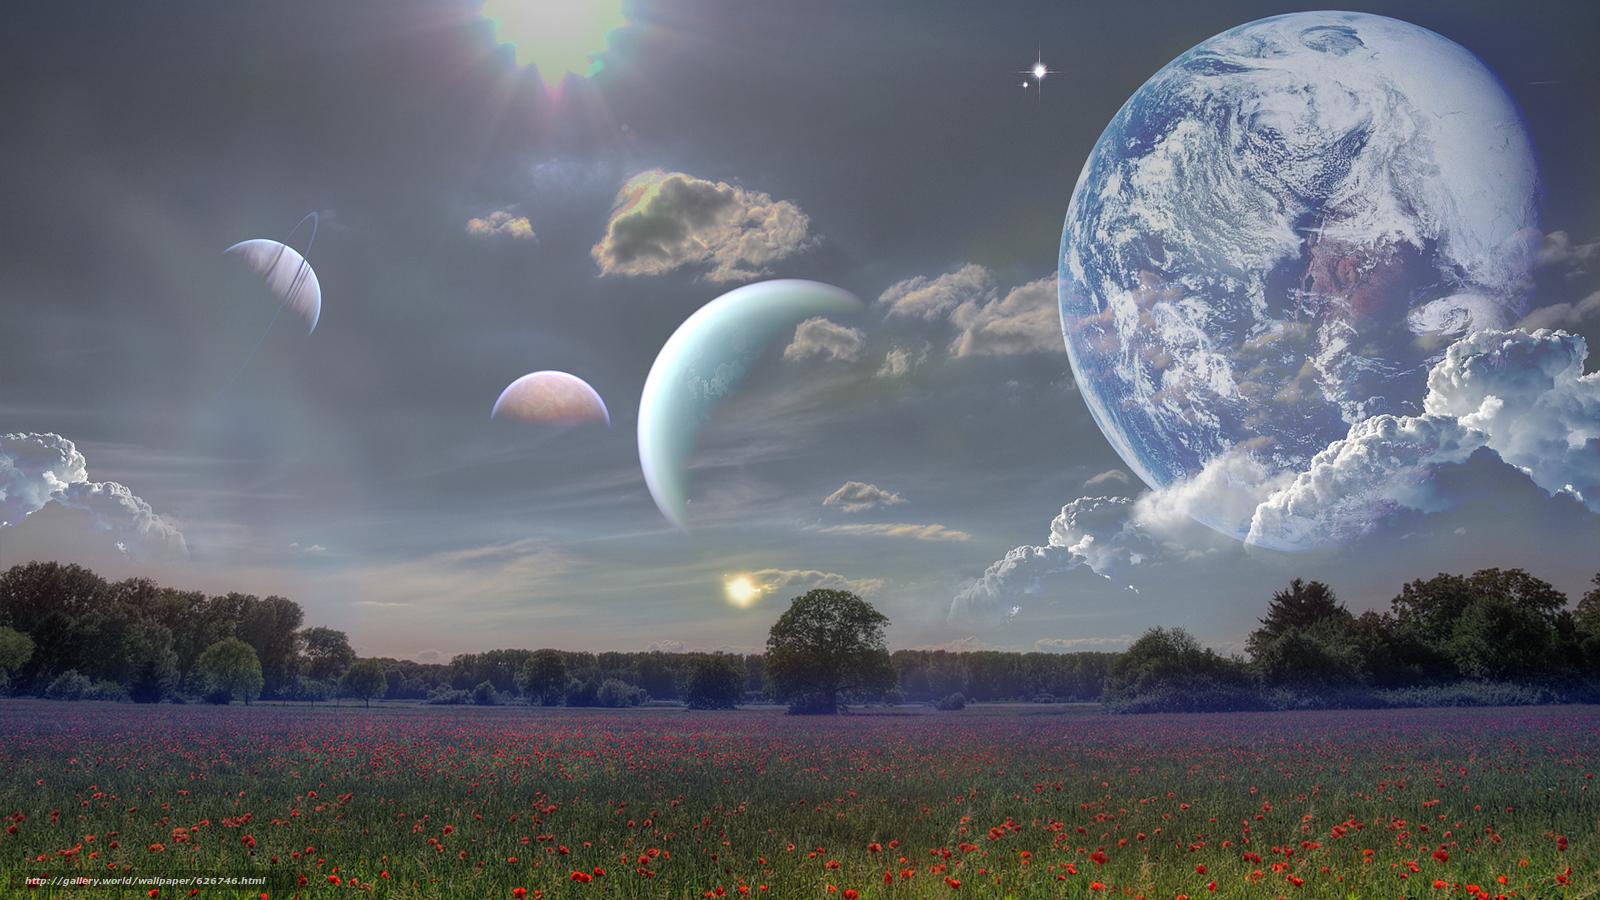 下载壁纸场天空地球免费为您的桌面分辨率的壁纸1920x1080—